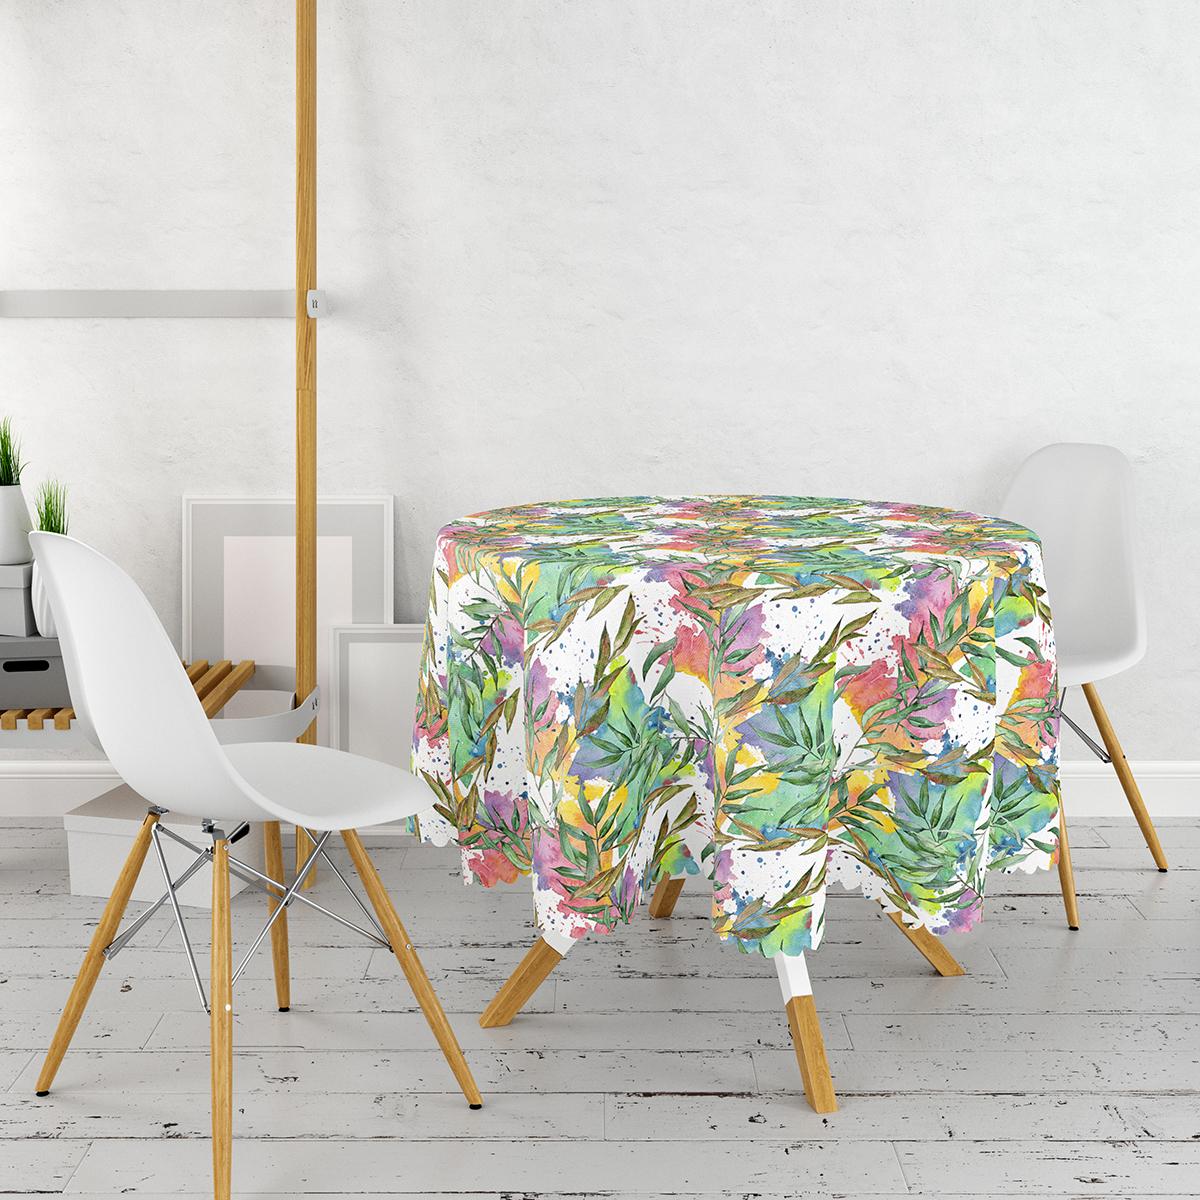 Beyaz Zemin Üzerinde Renkli Soyut Desenli Yuvarlak Masa Örtüsü - Çap 140cm Realhomes